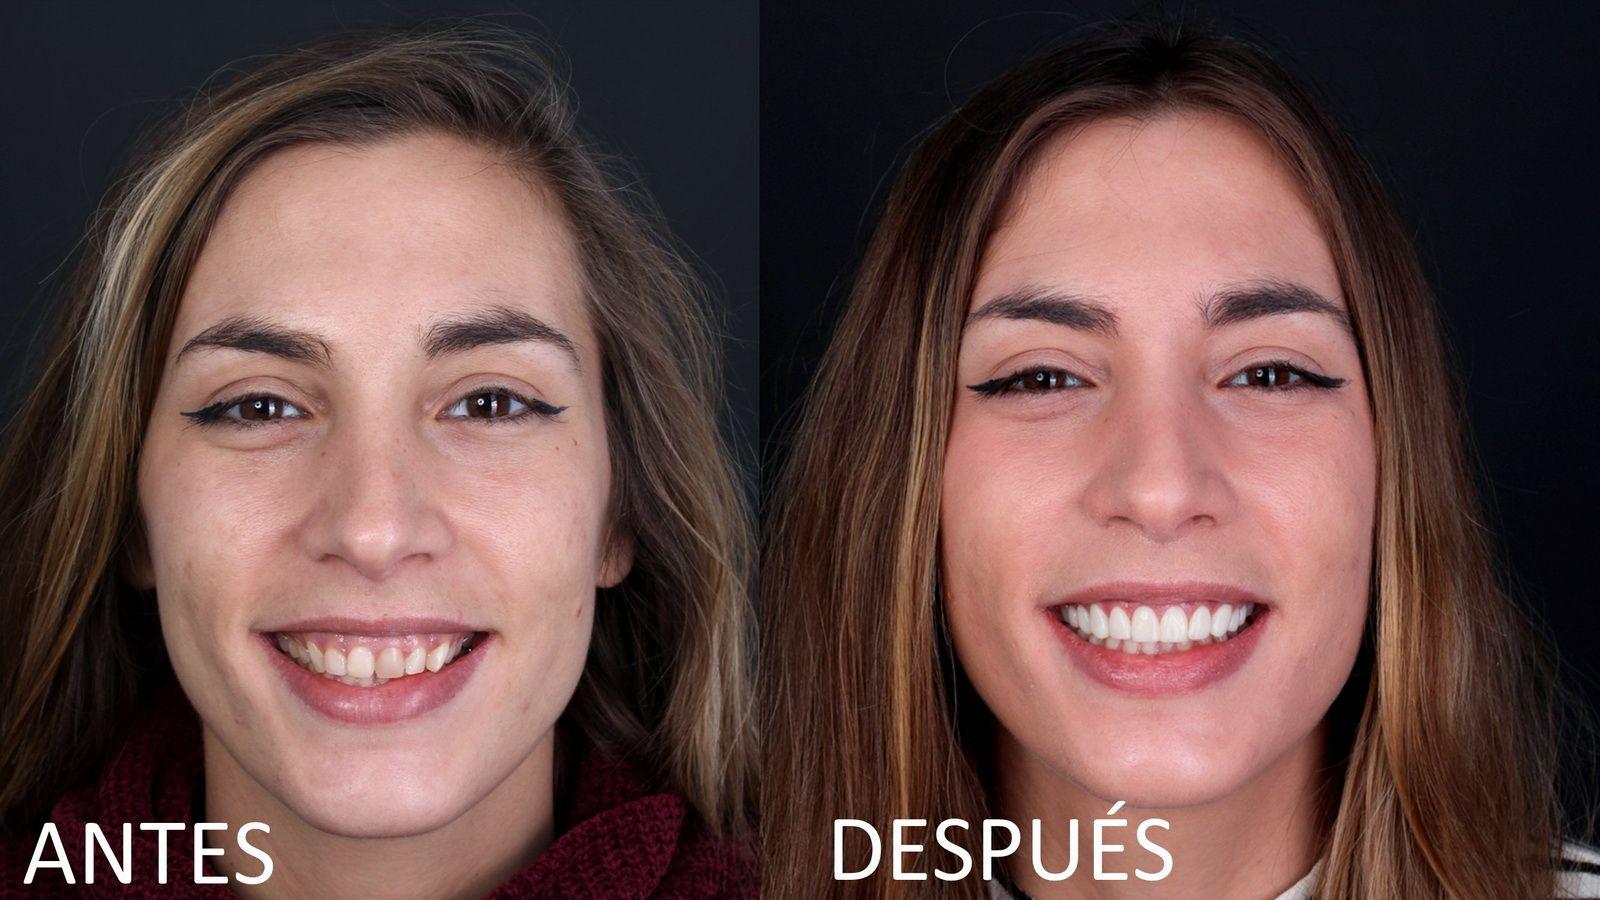 Tratamiento de carillas dentales de composite en clínica dental Padós. Tu dentista en Barcelona